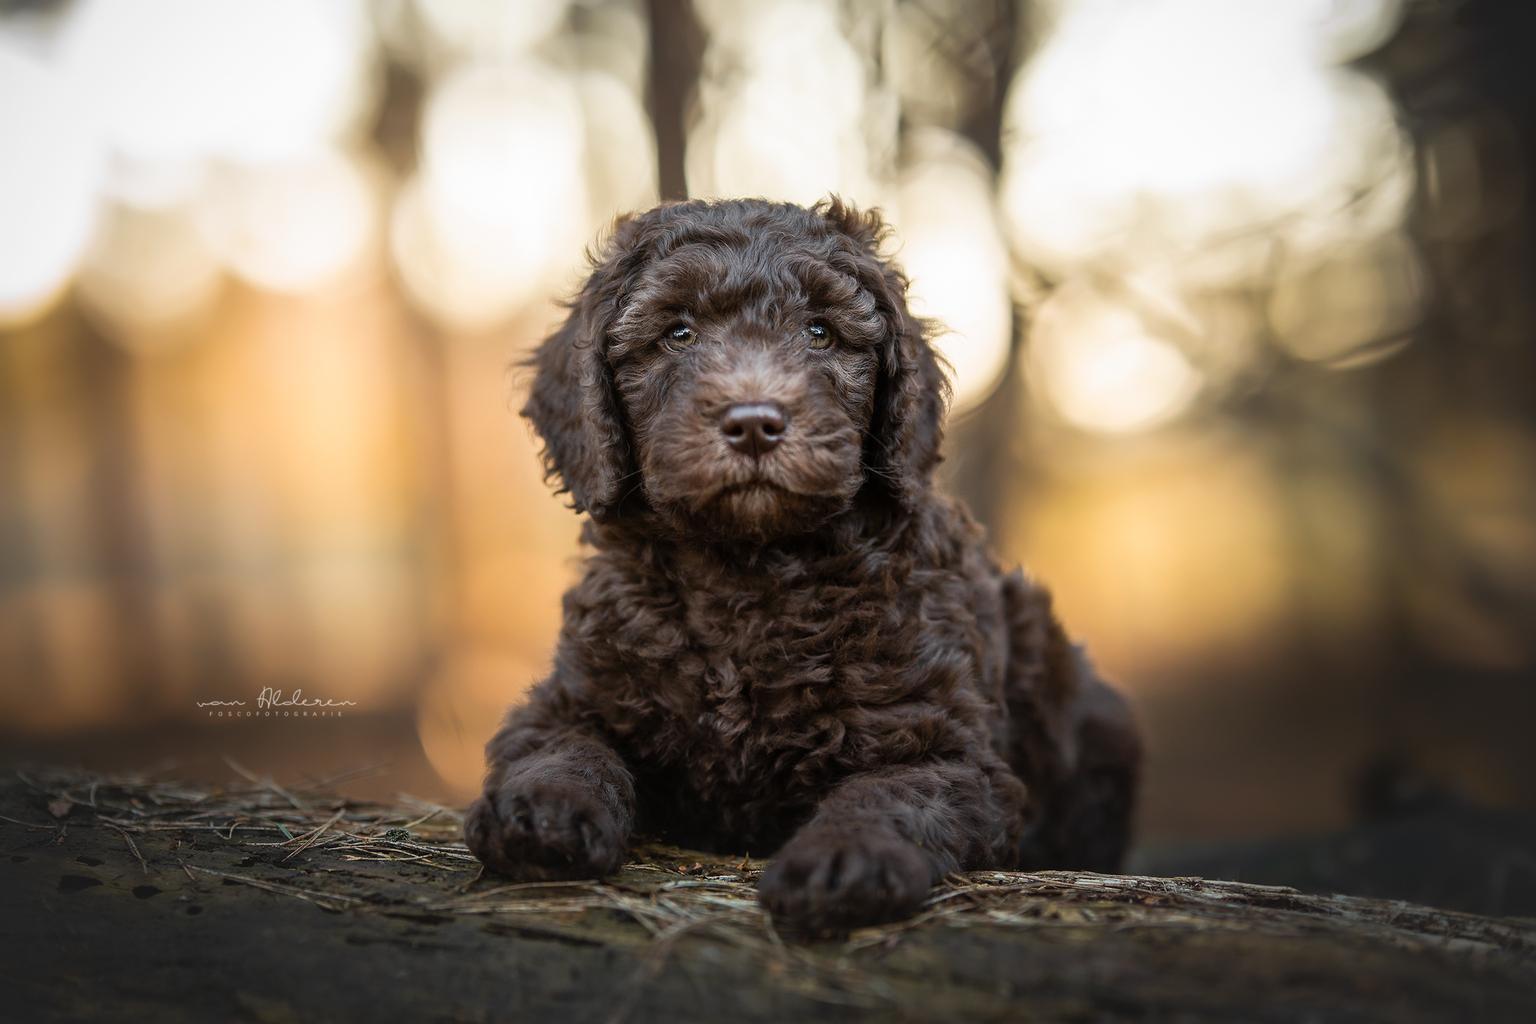 Labradoodle puppy - Portret van een Labradoodle puppy van 6,5 week oud. - foto door foscofotografie op 07-04-2021 - locatie: Kaatsheuvel, Nederland - deze foto bevat: hond, puppy, honden, dieren, hondenfotografie, dierenfotografie, portret, bokeh, bollen, zonsondergang, schattig, lief, tegenlicht, canon, sigma, hond, wolk, waterhond, carnivoor, lucht, spaniël, metgezel hond, hondenras, speelgoed hond, snuit